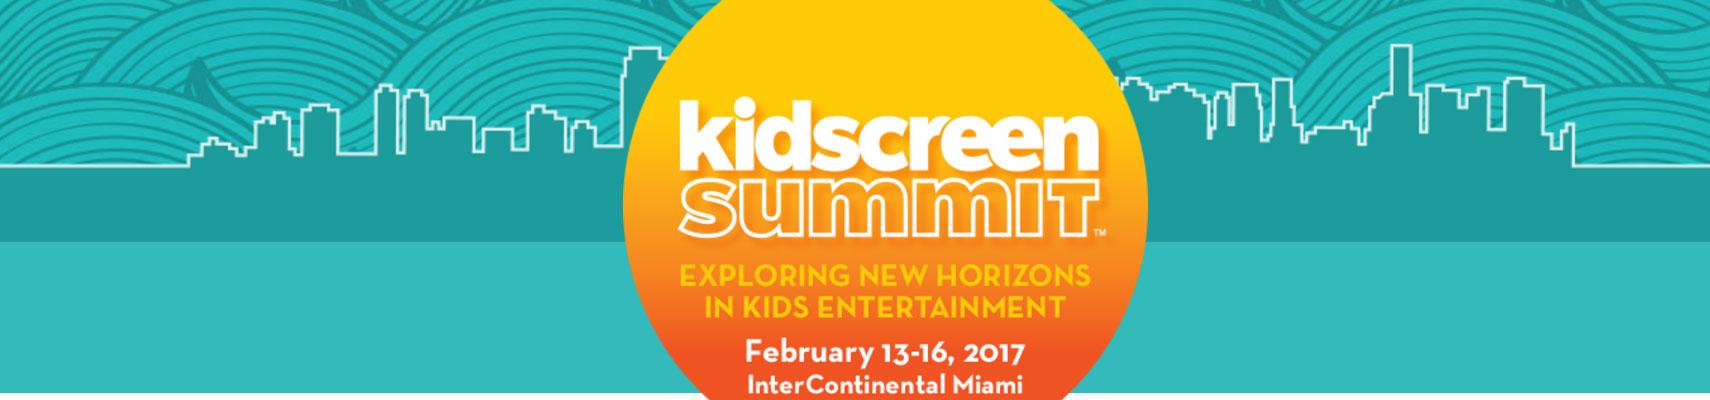 actu_kidscreen2017